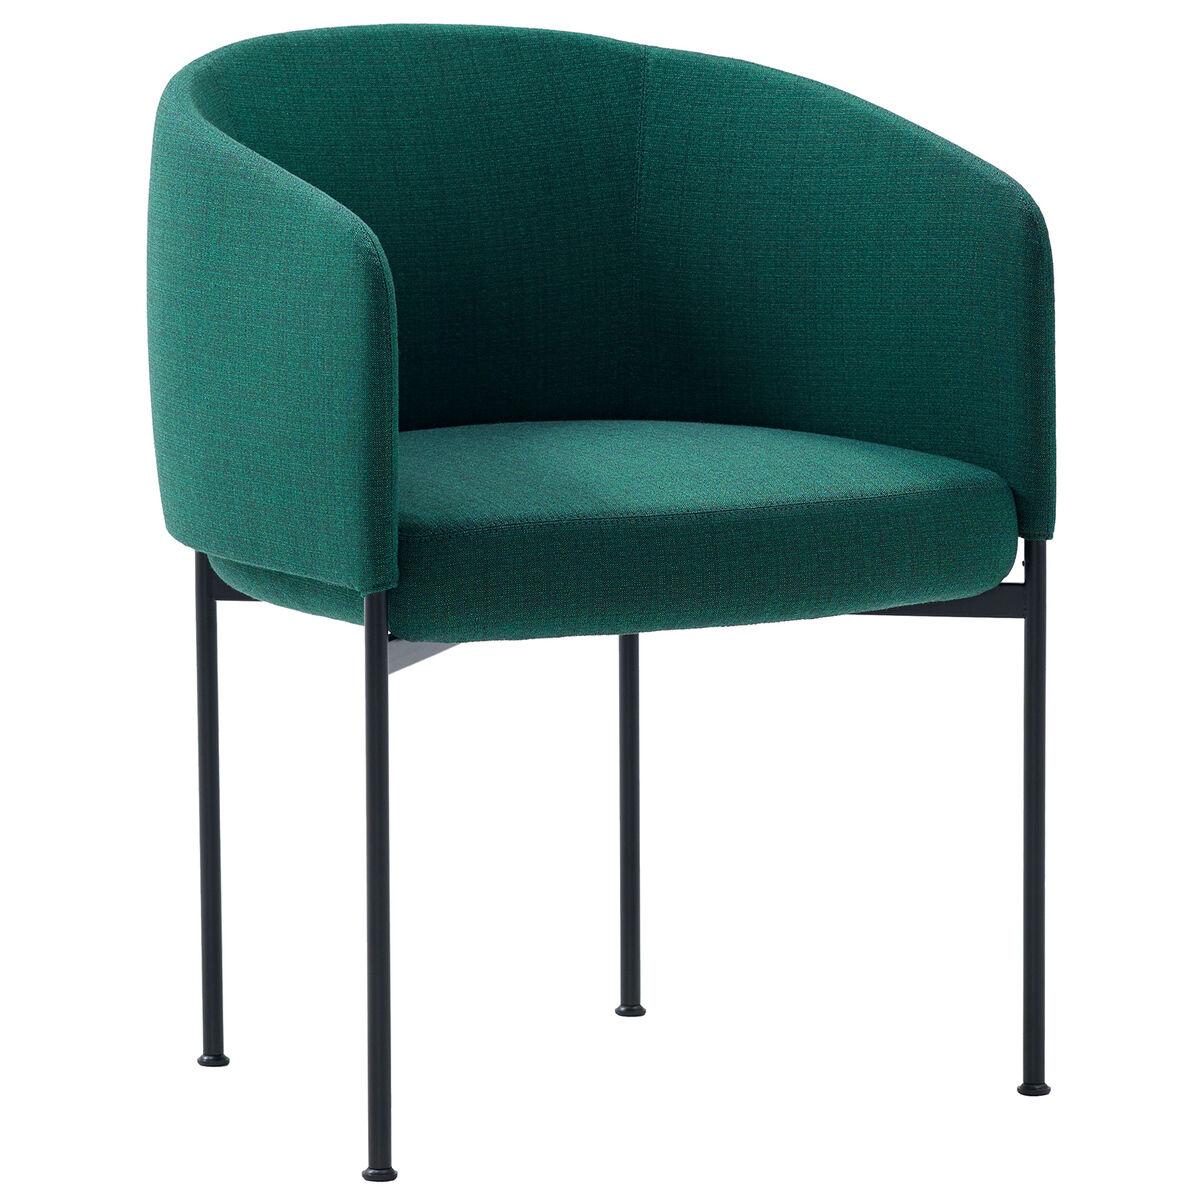 Adea Bonnet Dining chair, Matrix